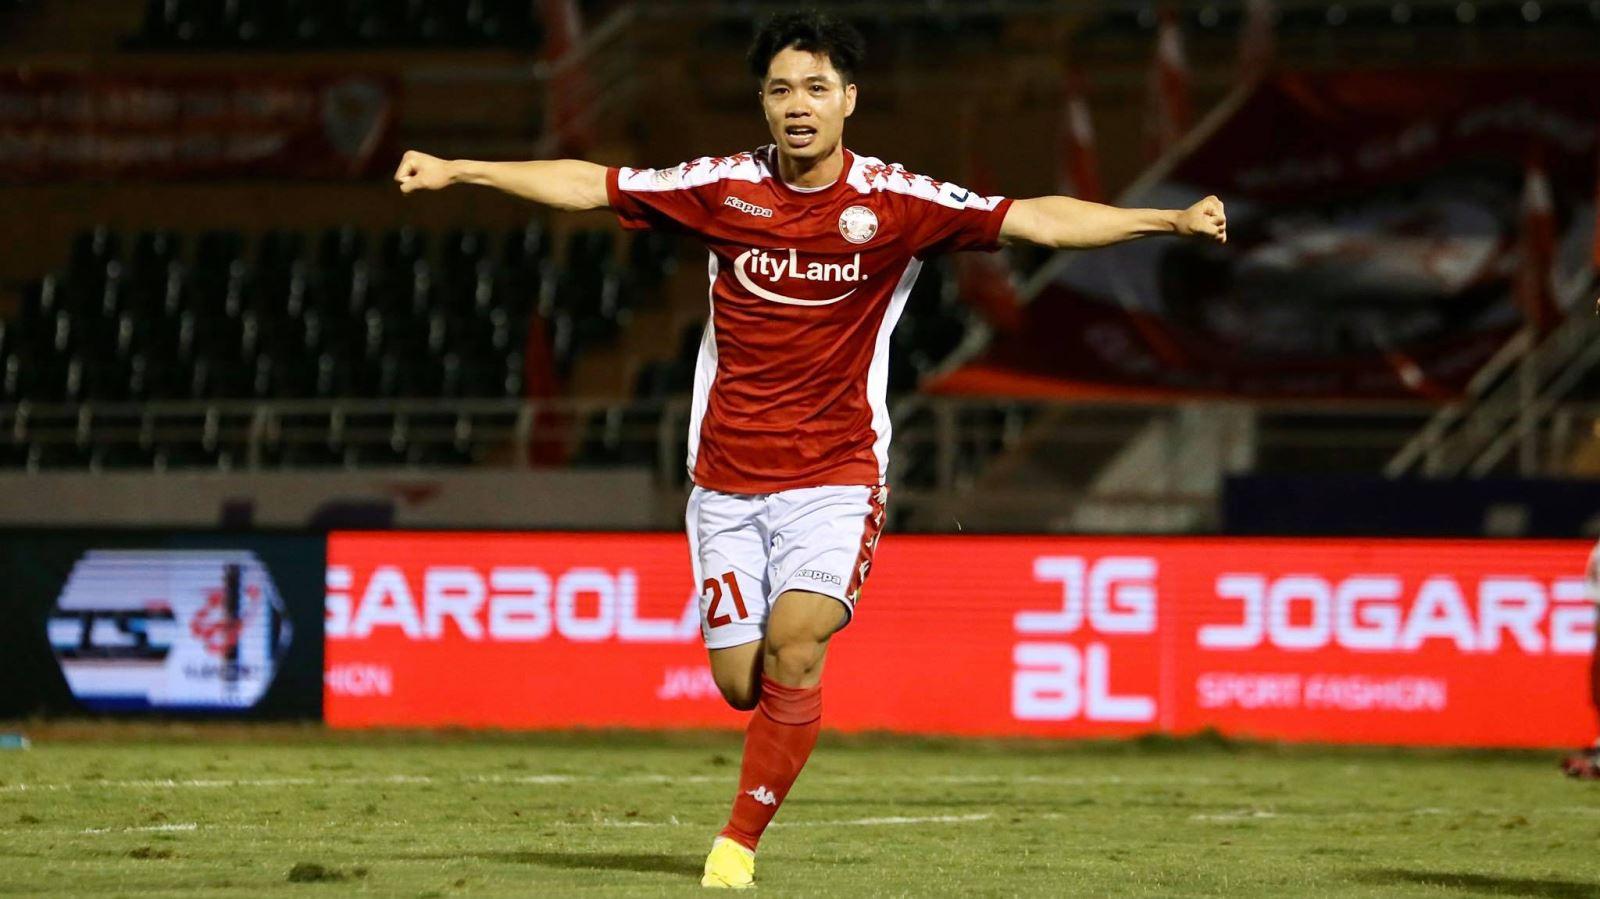 Bóng đá Việt Nam hôm nay: Công Phượng là cầu thủ lớn của bóng đá Việt Nam